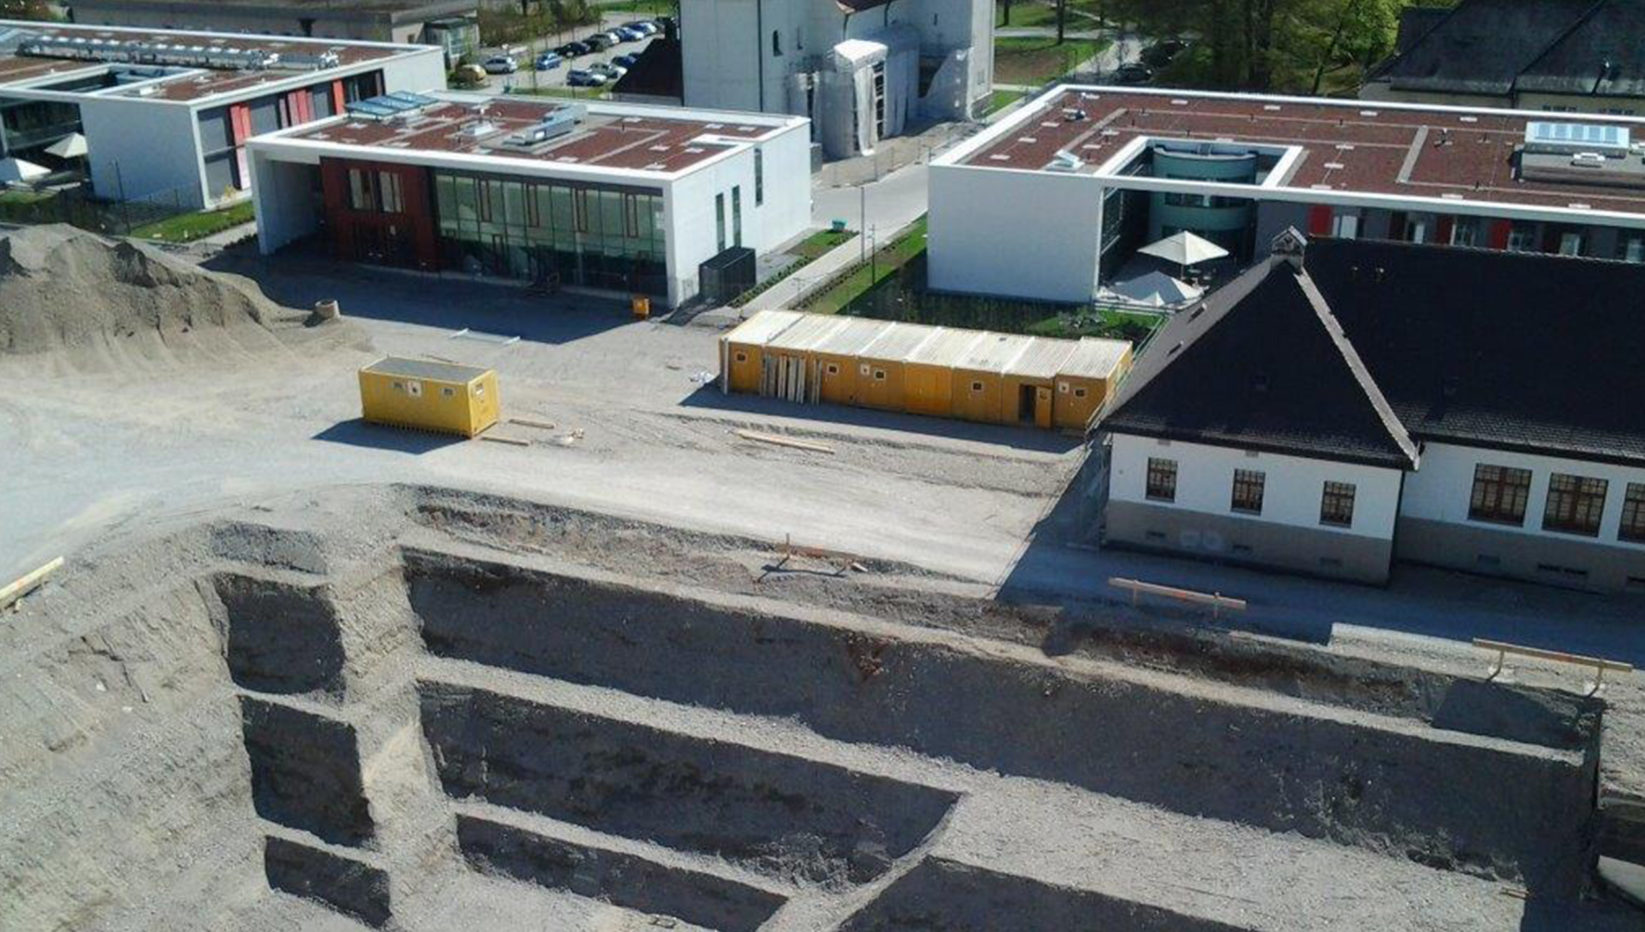 Luftaufnahme der Baugrube in München Haar. Am unteren Bildrand sieht man die Baugrube für die Psychiatrie, darüber einige bestehenden Gebäude mit Flachdach.